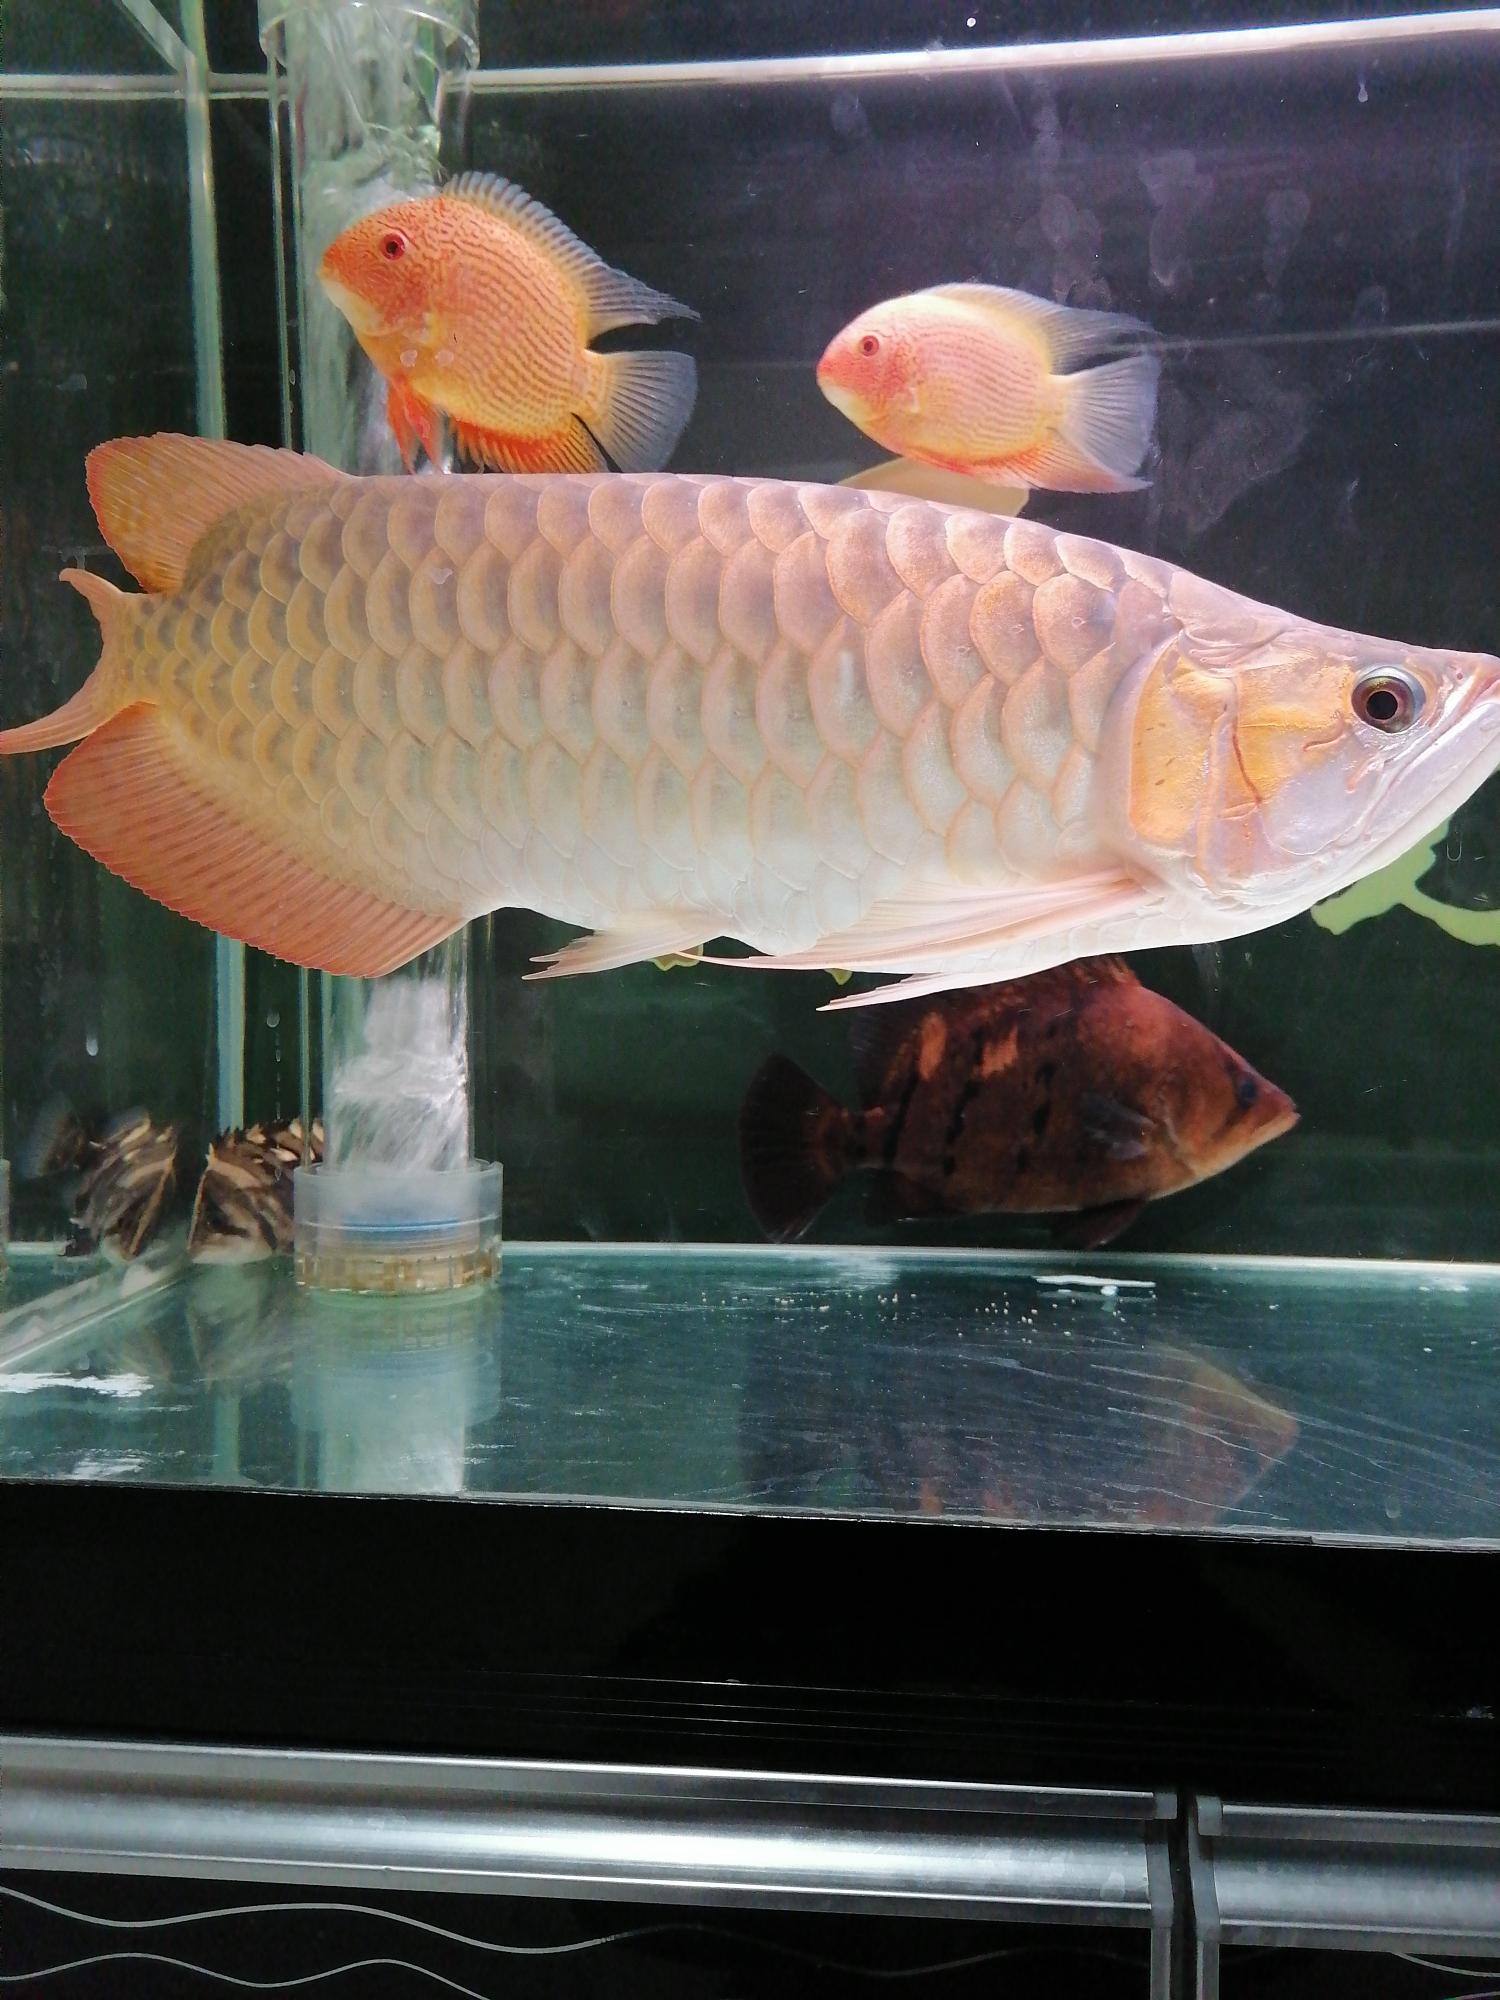 大神们看看这鱼的颜色还能不能再加深变红 西宁龙鱼论坛 西宁龙鱼第4张